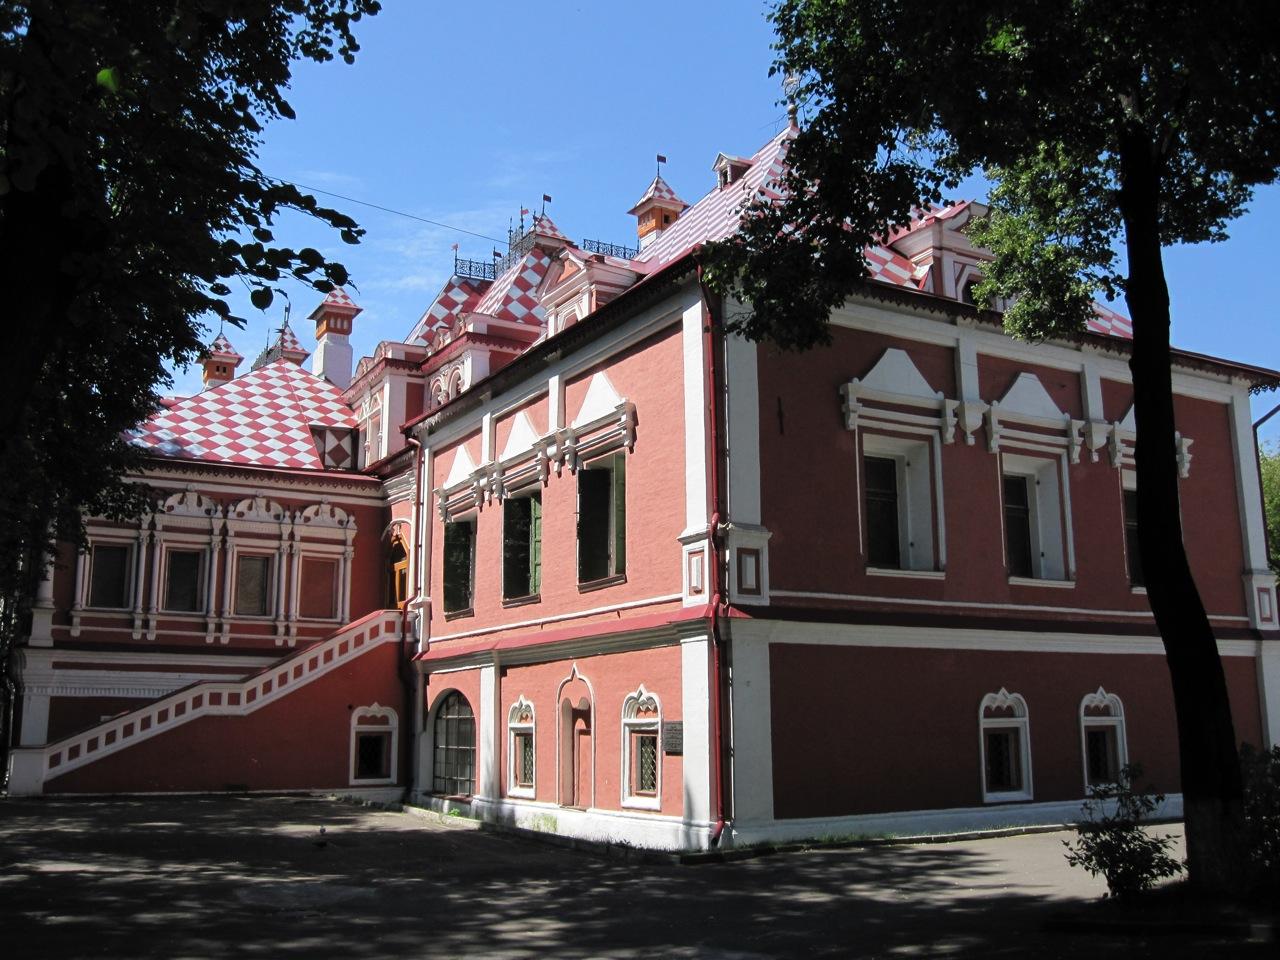 palace-of-the-yusupov-princes